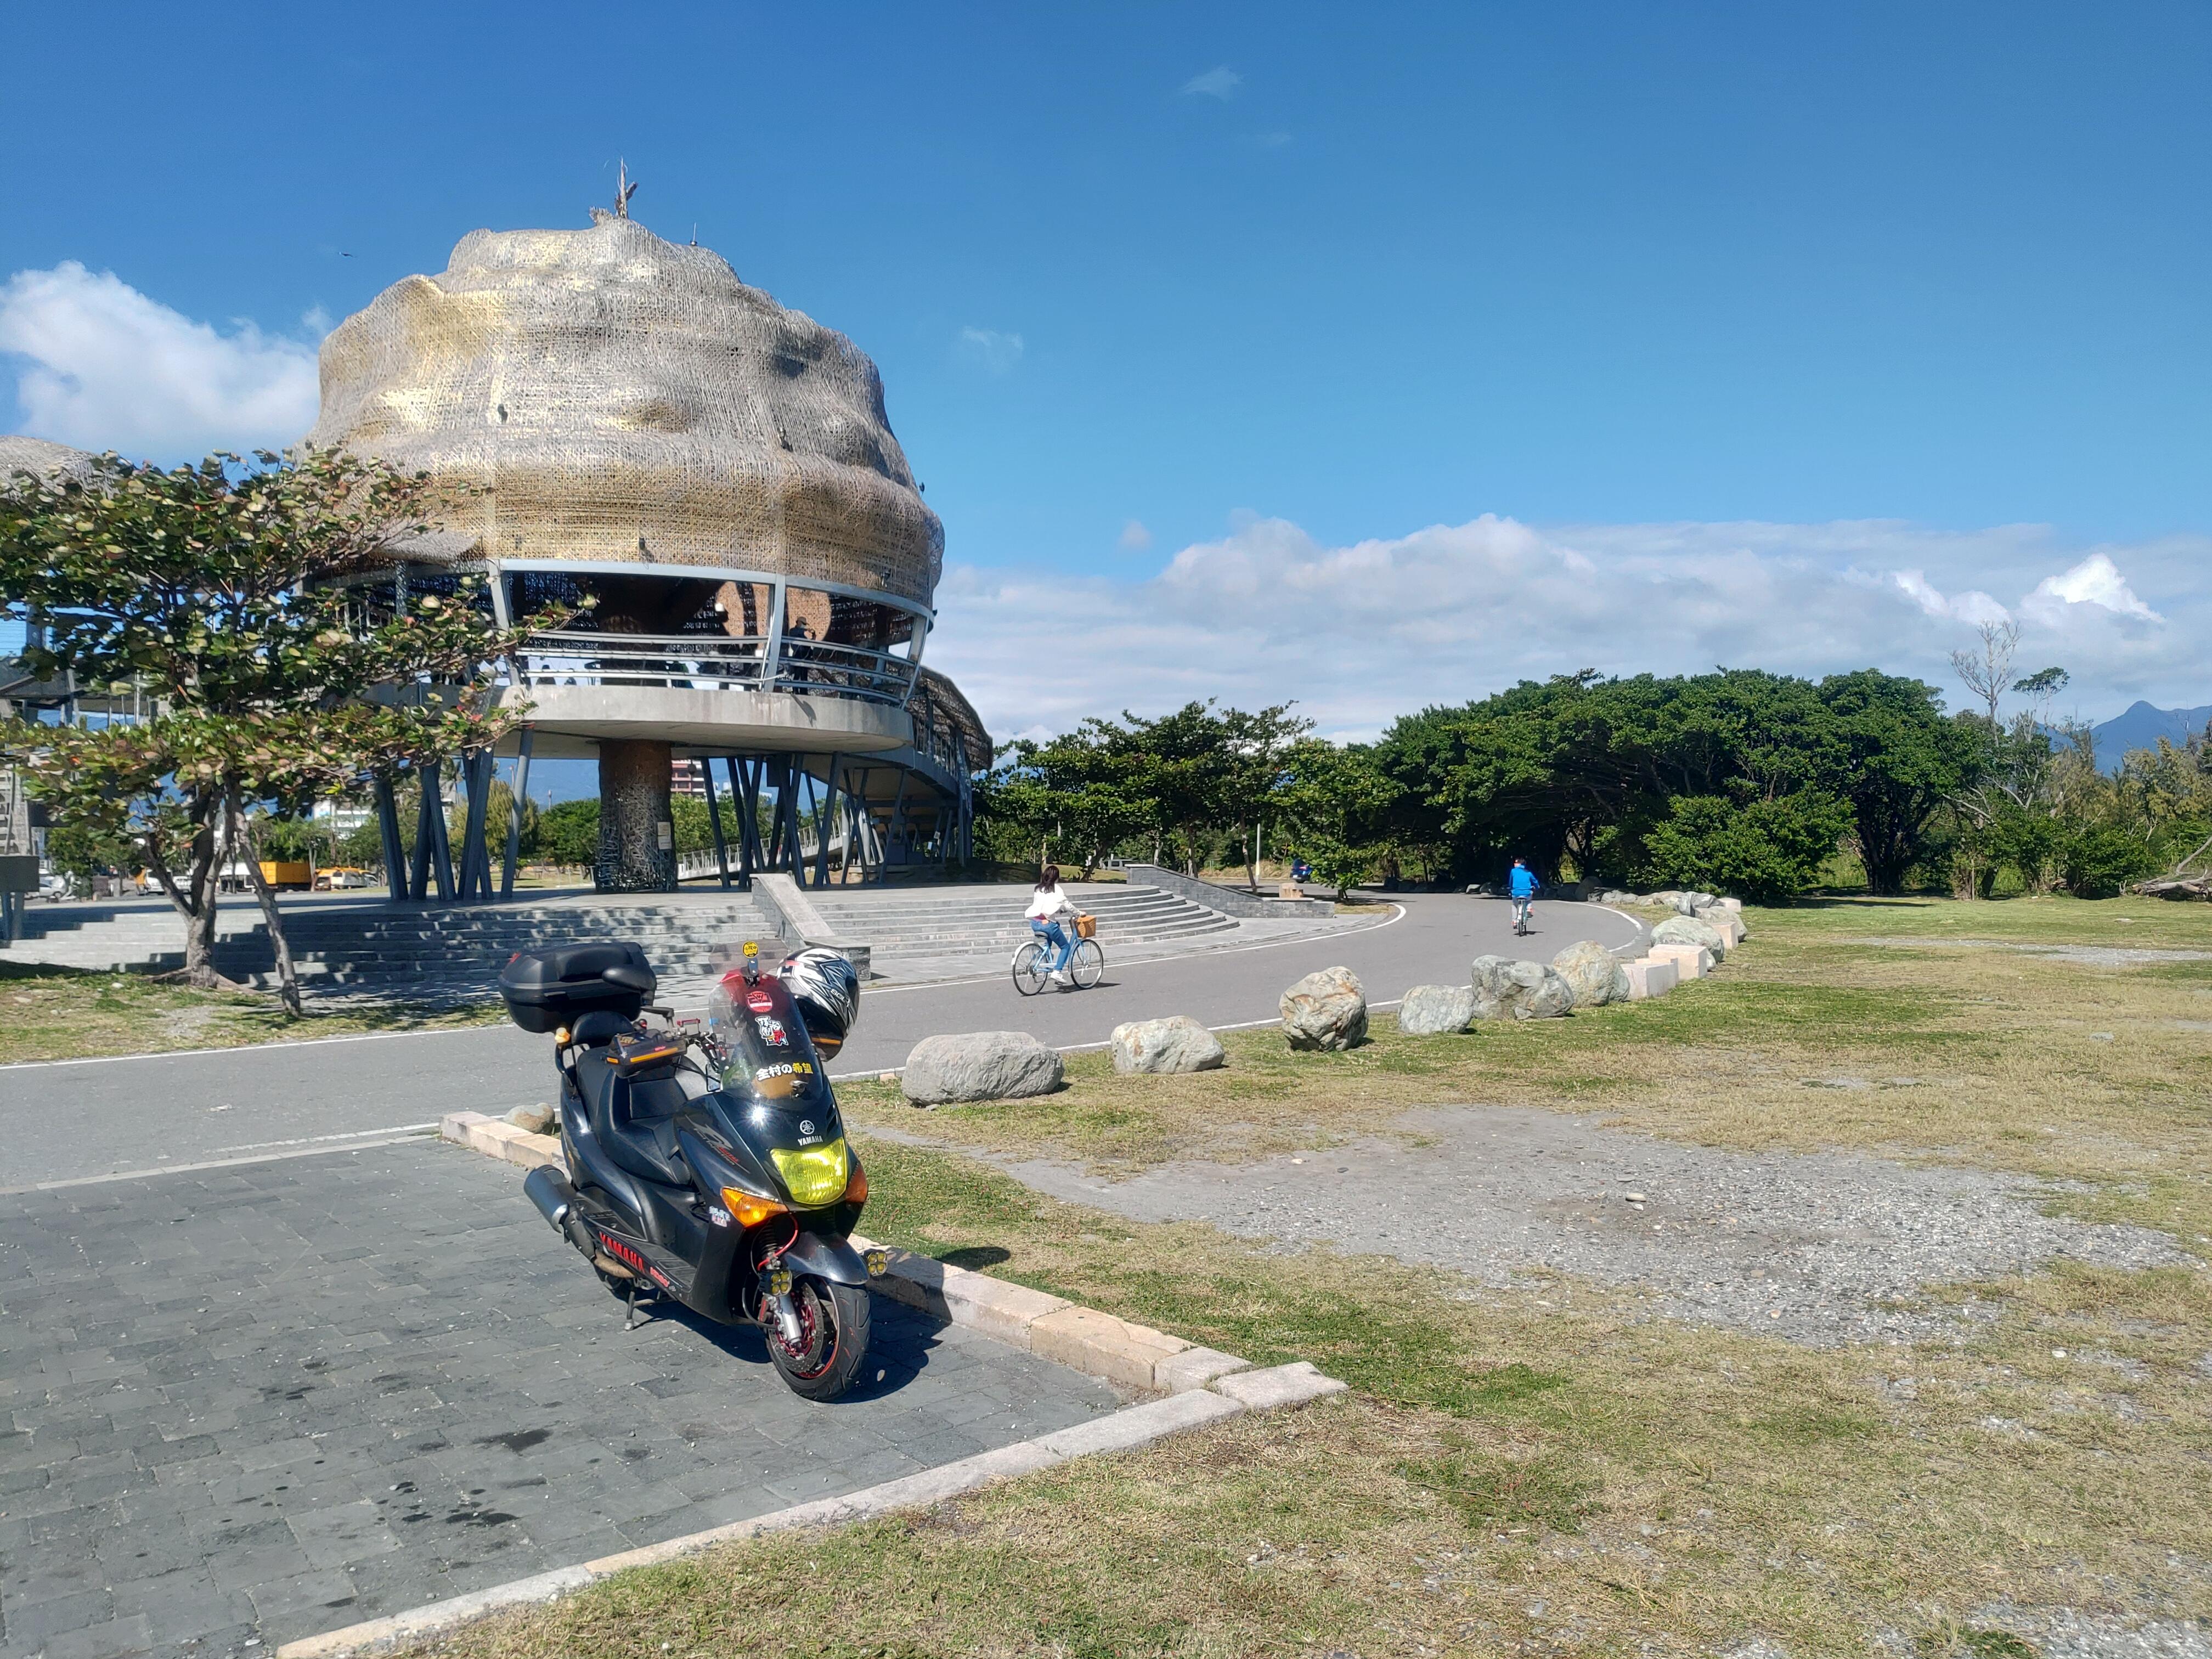 5th 走!去騎摩托車吧!六天五夜山海奇行環島之旅4732